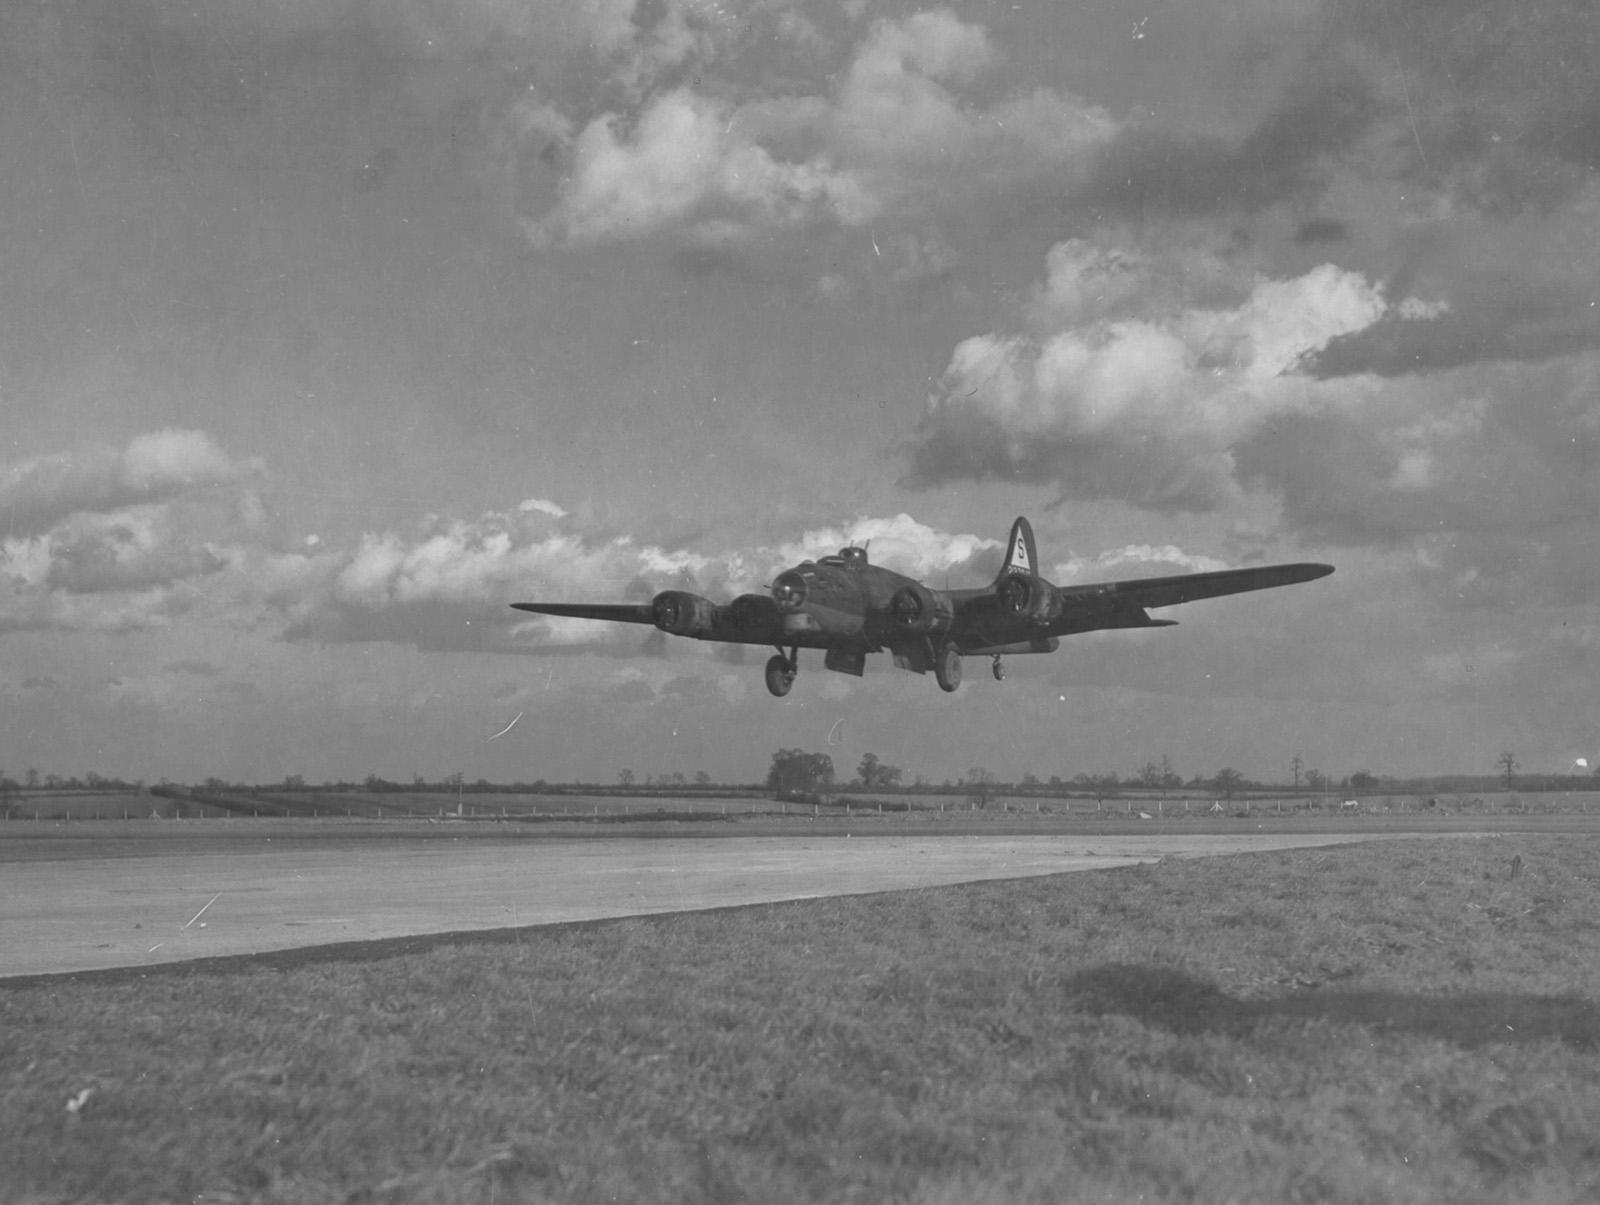 B-17 #42-37843 / Dry Run